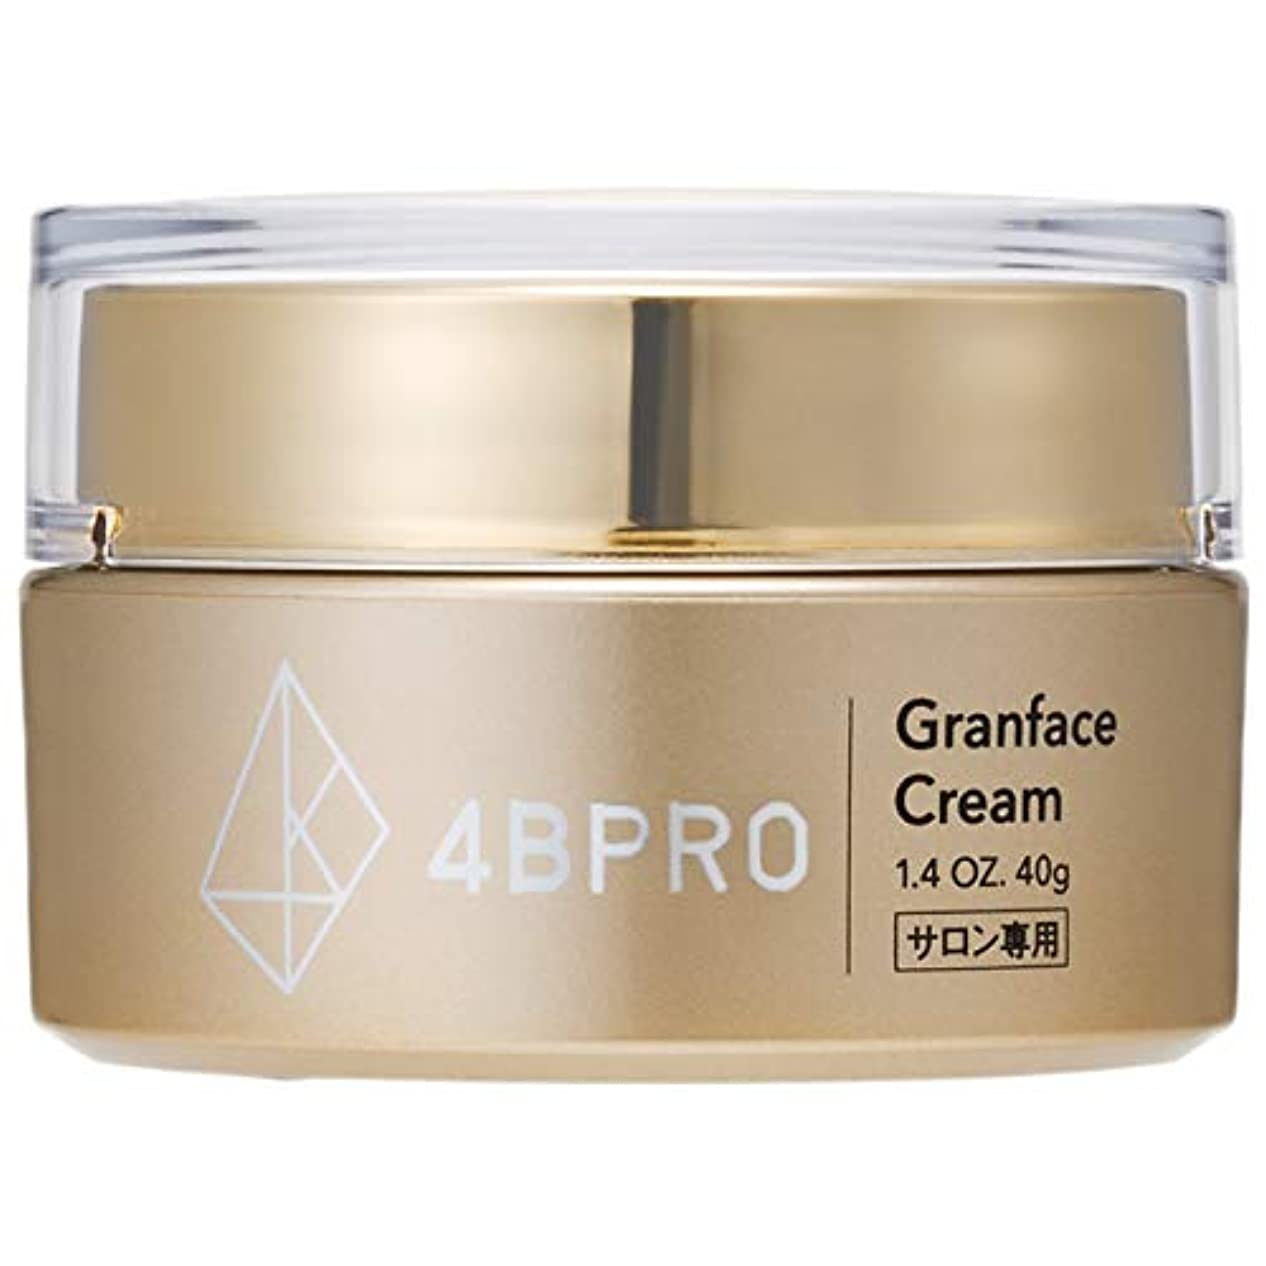 用心深いアセ重くする4BPRO GranFace Cream(フォービープロ グランフェイスクリーム)フェイスクリーム 高浸透型ヒアルロン酸、抗炎症、抗酸化、美白美容成分配合 40g